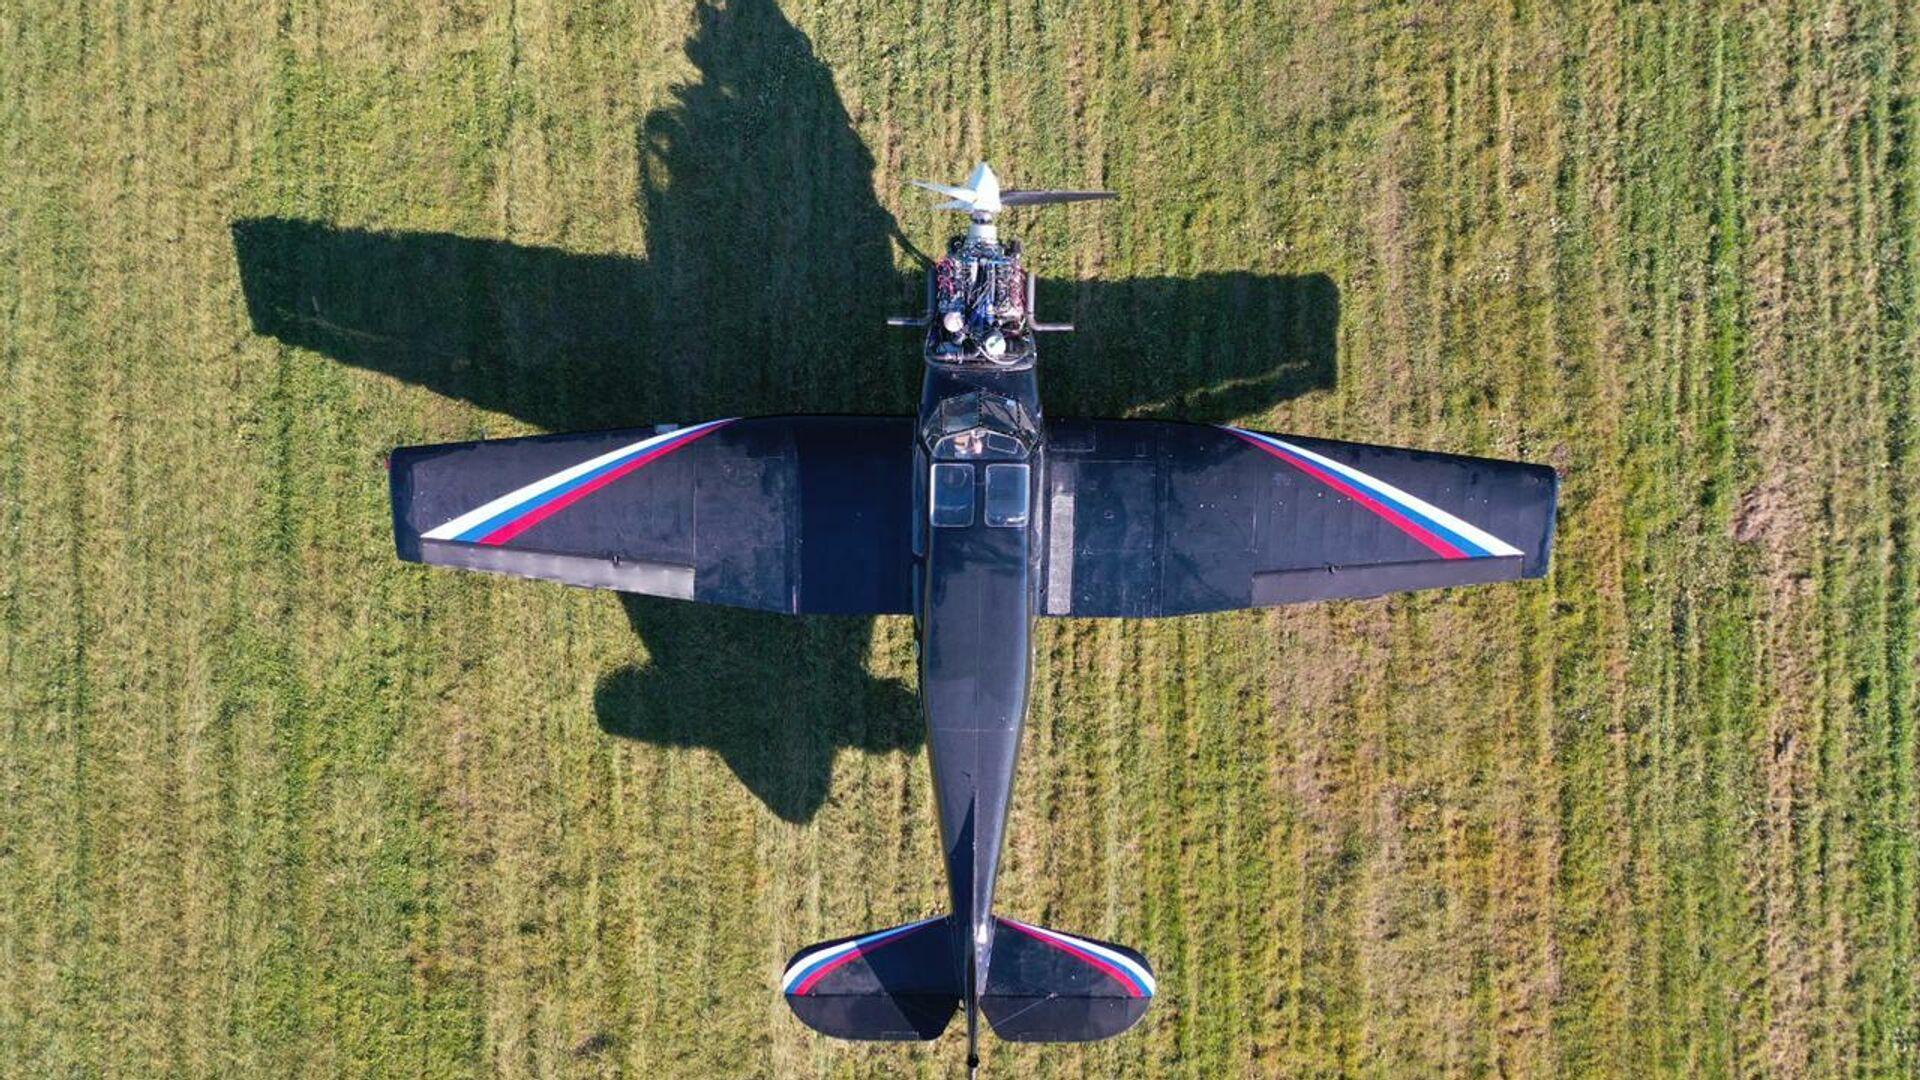 Самолет Як-18Т с авиационным двигателем АПД-500, созданным на основе двигателя от автомобилей серии Aurus - РИА Новости, 1920, 14.10.2021